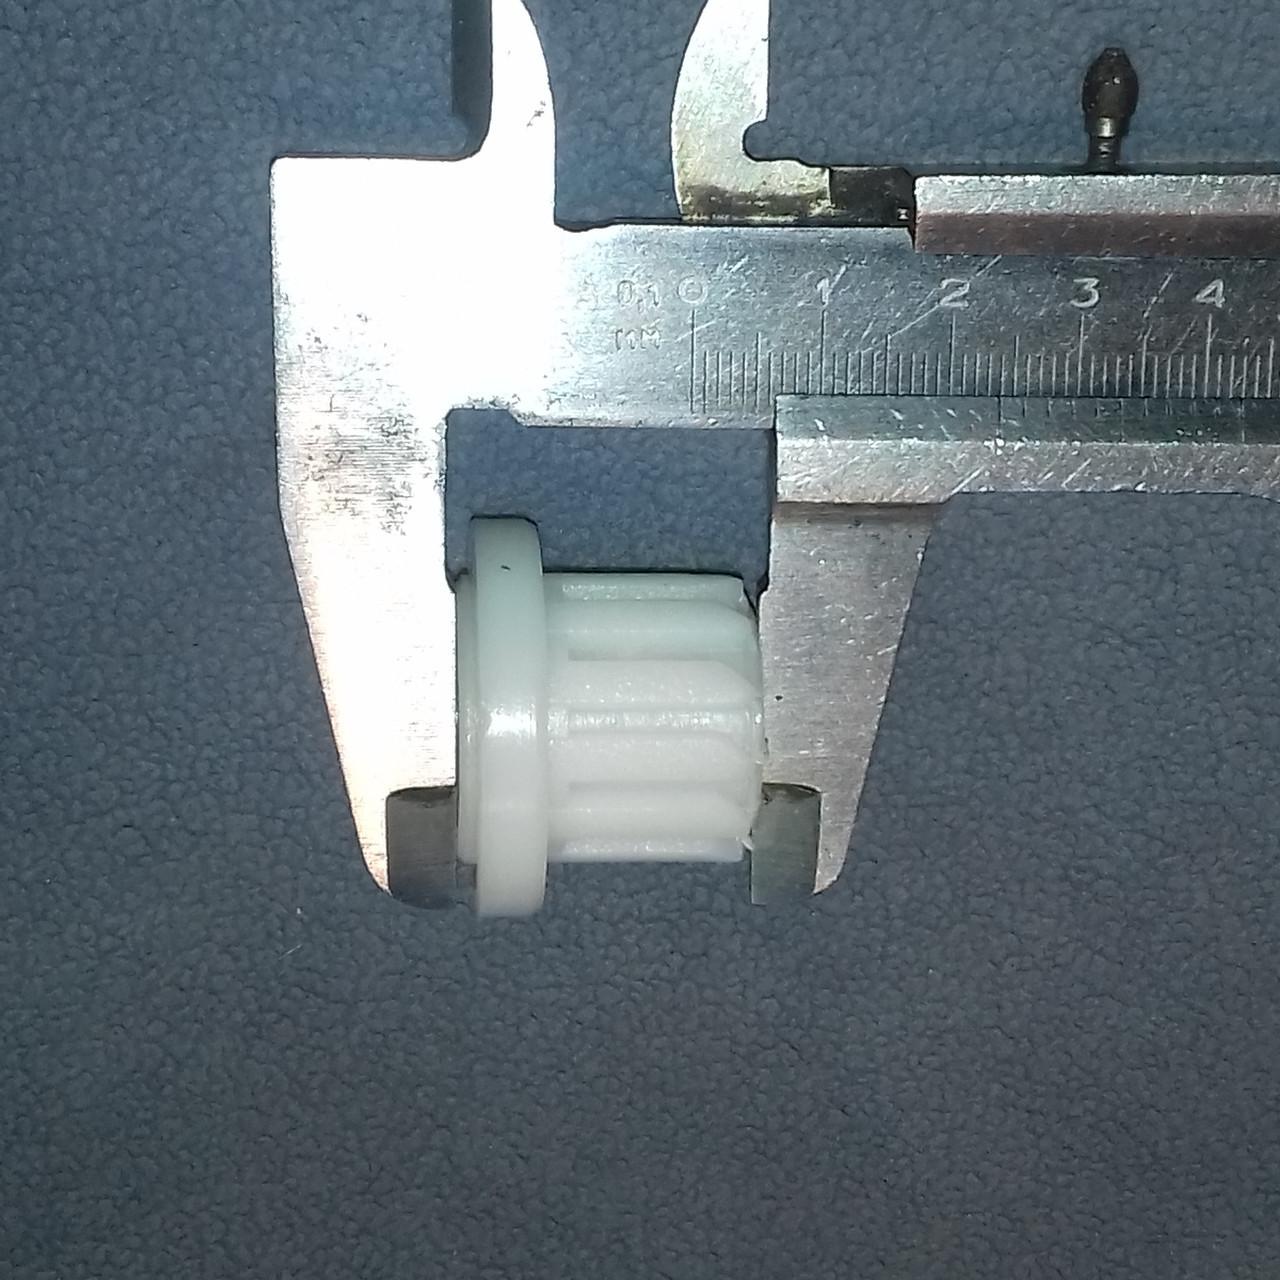 Втулка шнека для мясорубки Scarlett, Vitek с широким кольцом (Украина) (H=23.5, D=32 d=23.5)